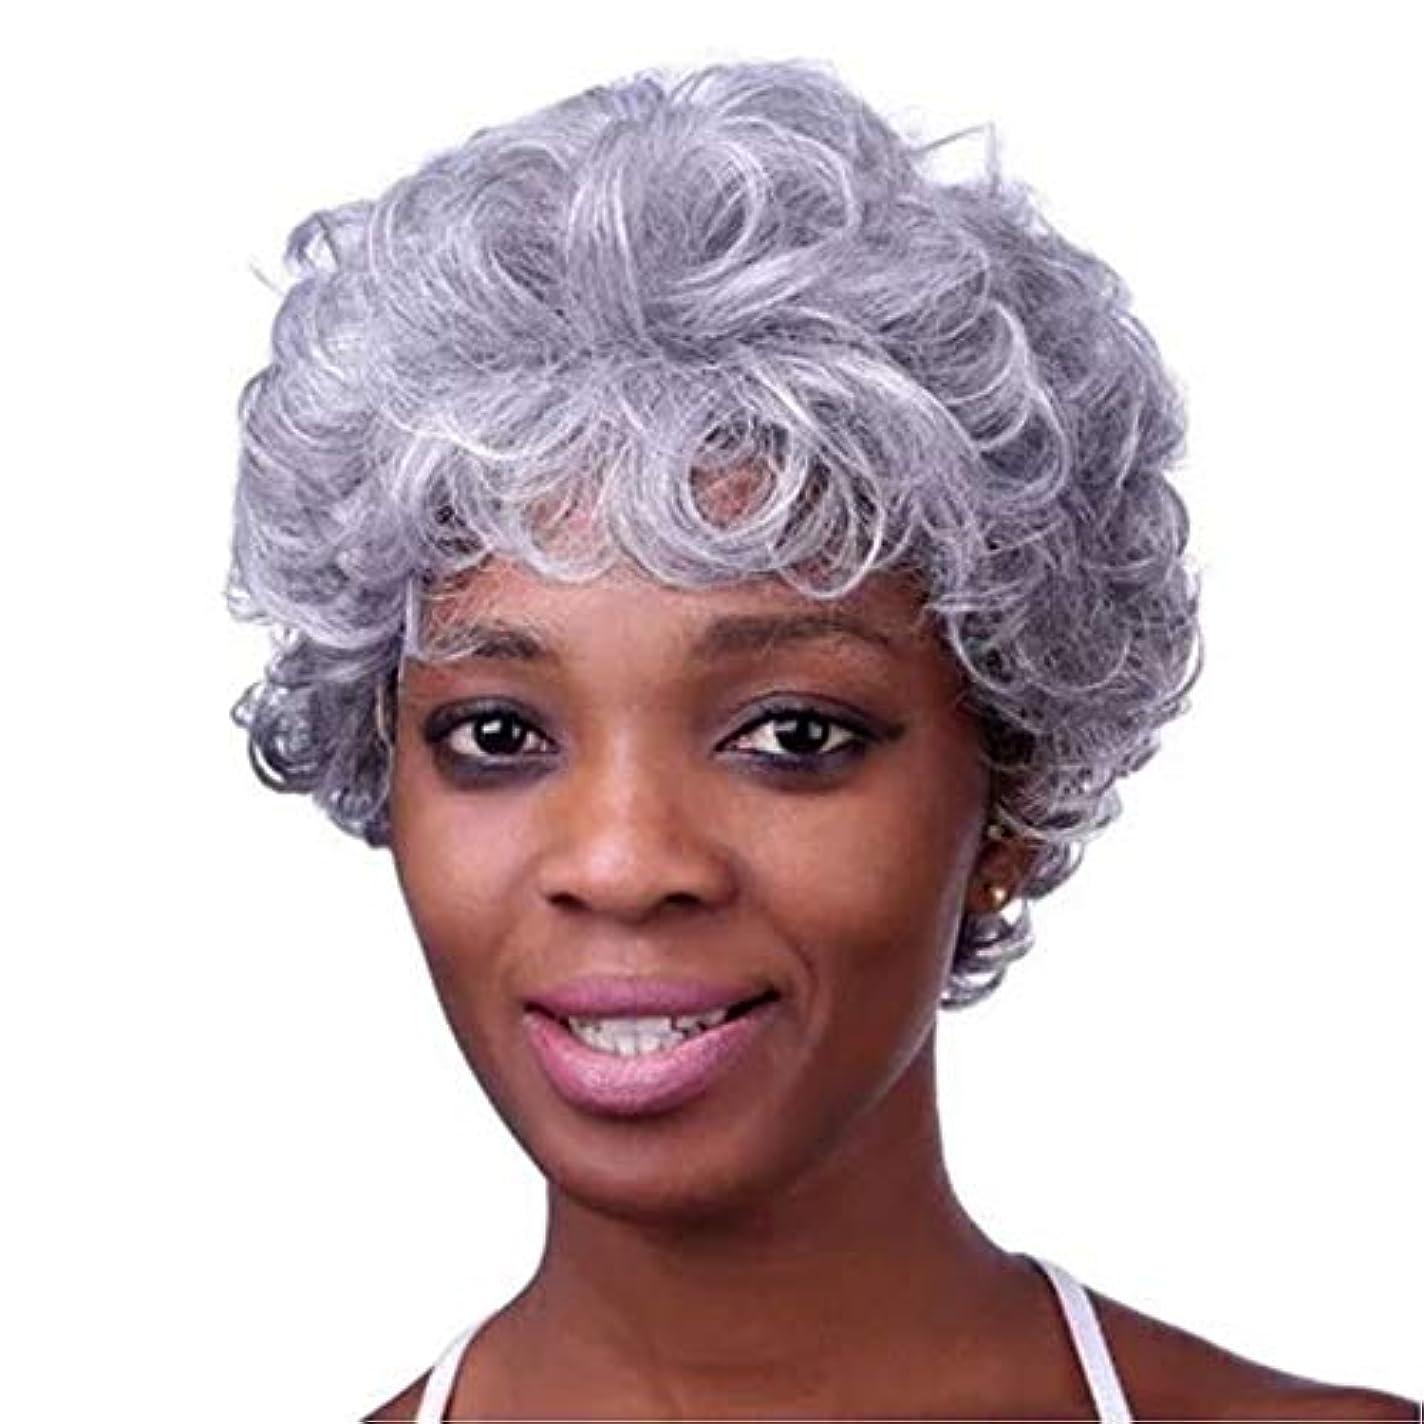 デザイナー壁手を差し伸べるSummerys 本物の髪として女性のための前髪天然合成フルウィッグと白人女性ストレートグレーの髪のかつらをショートウィッグ